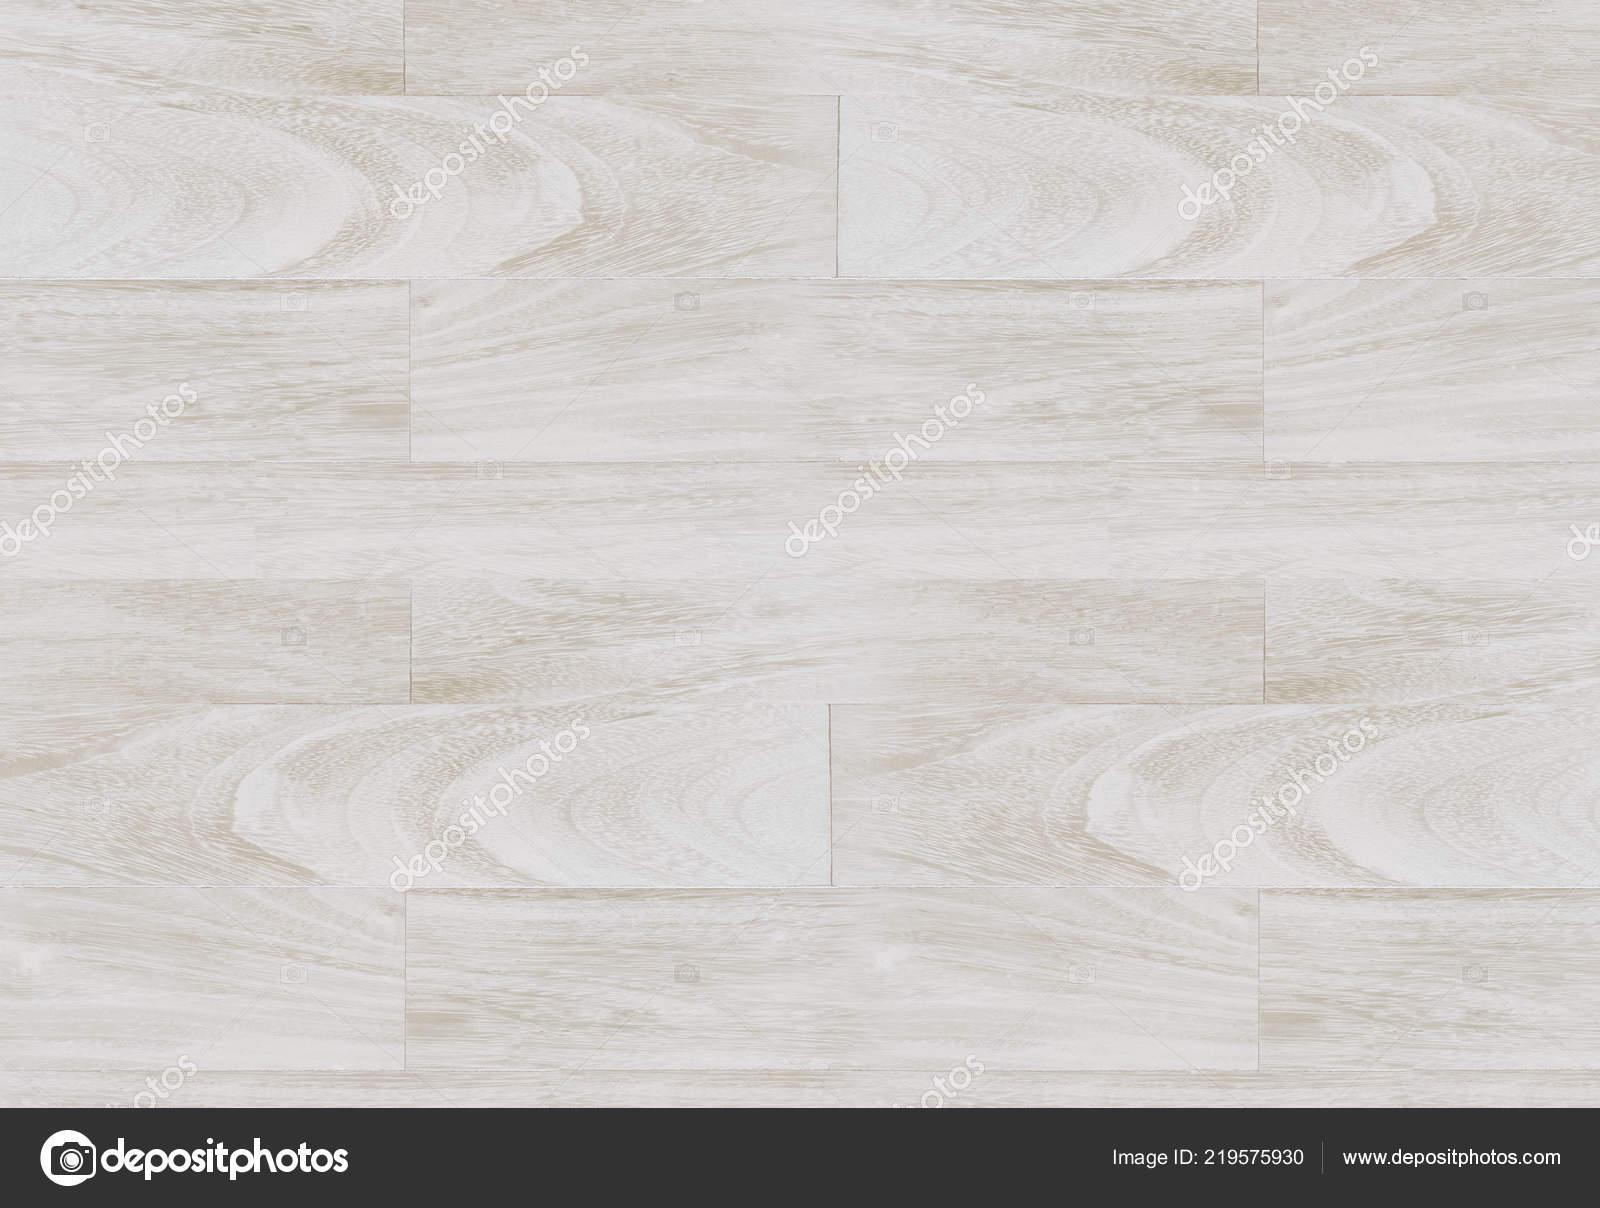 Legno Bianco Sbiancato : Parquet pavimenti in legno bianco sbiancato in monza e brianza